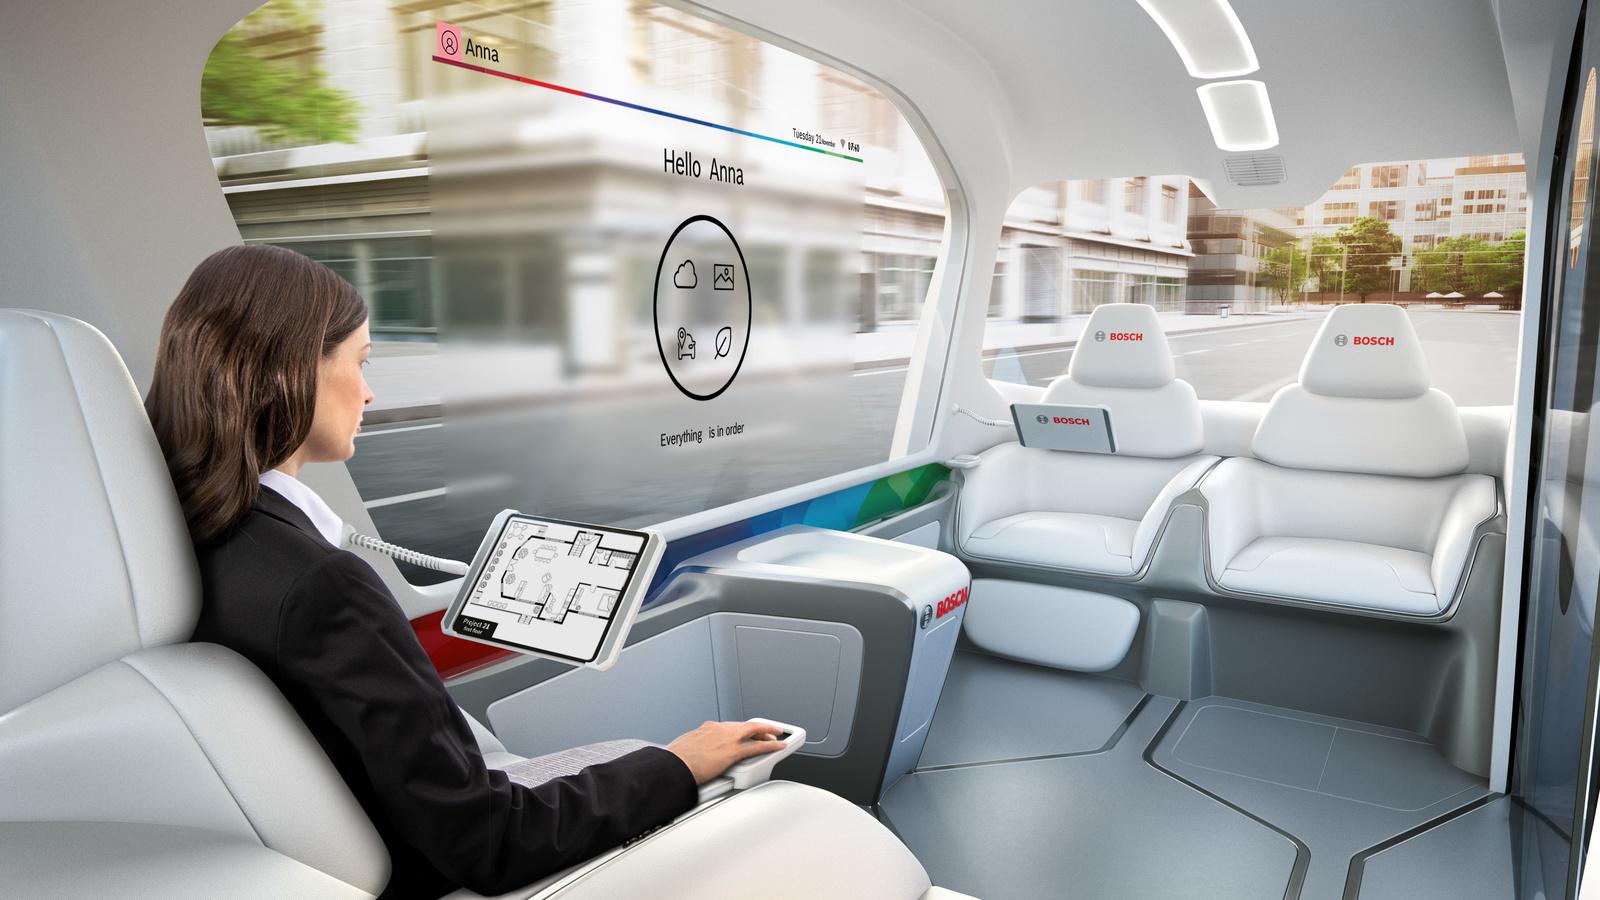 Weltpremiere des Shuttle-Konzeptfahrzeugs von Bosch